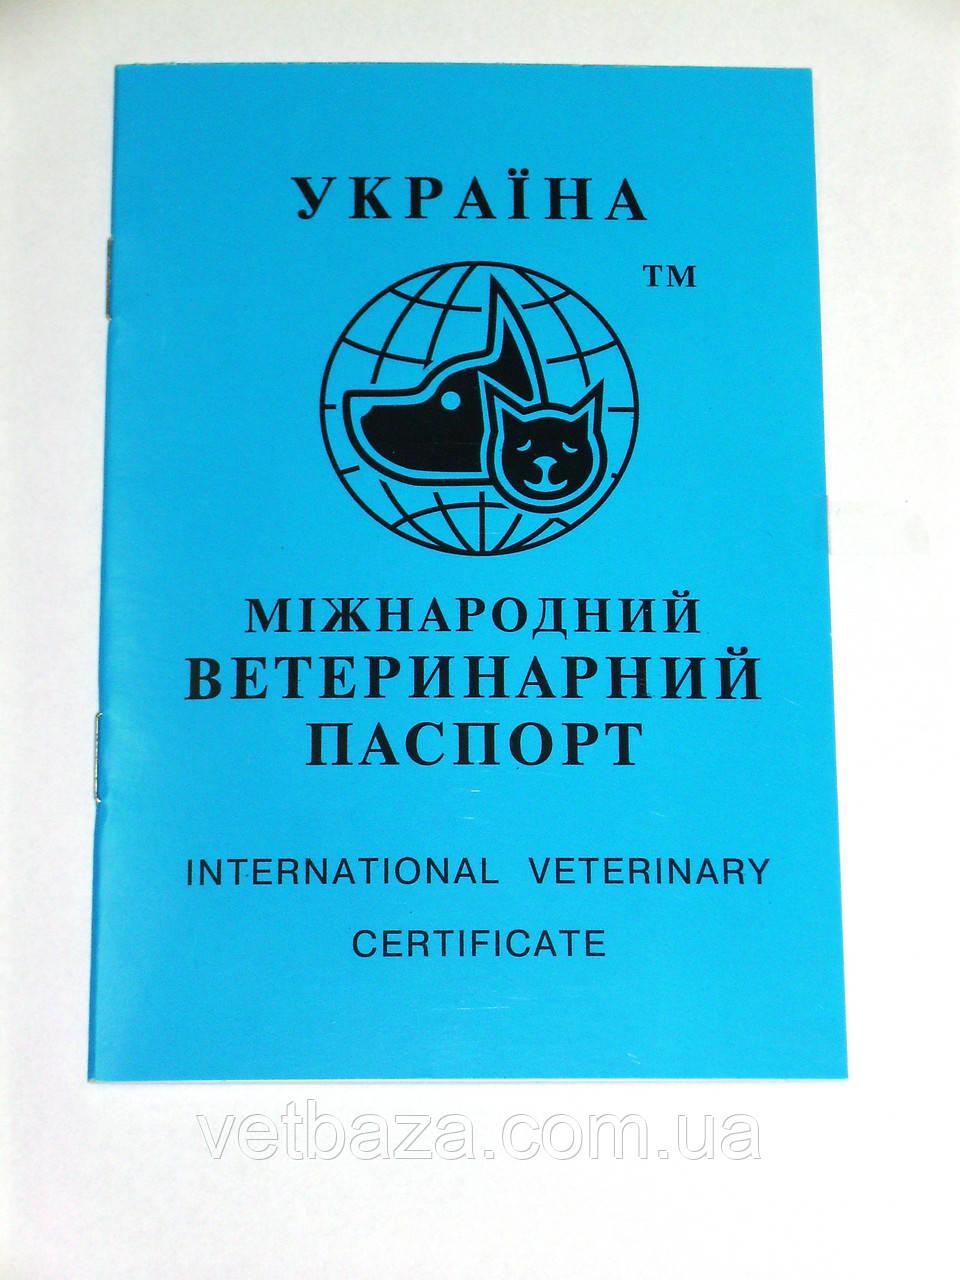 Ветеринарный паспорт для собак и кошек (5 грн)